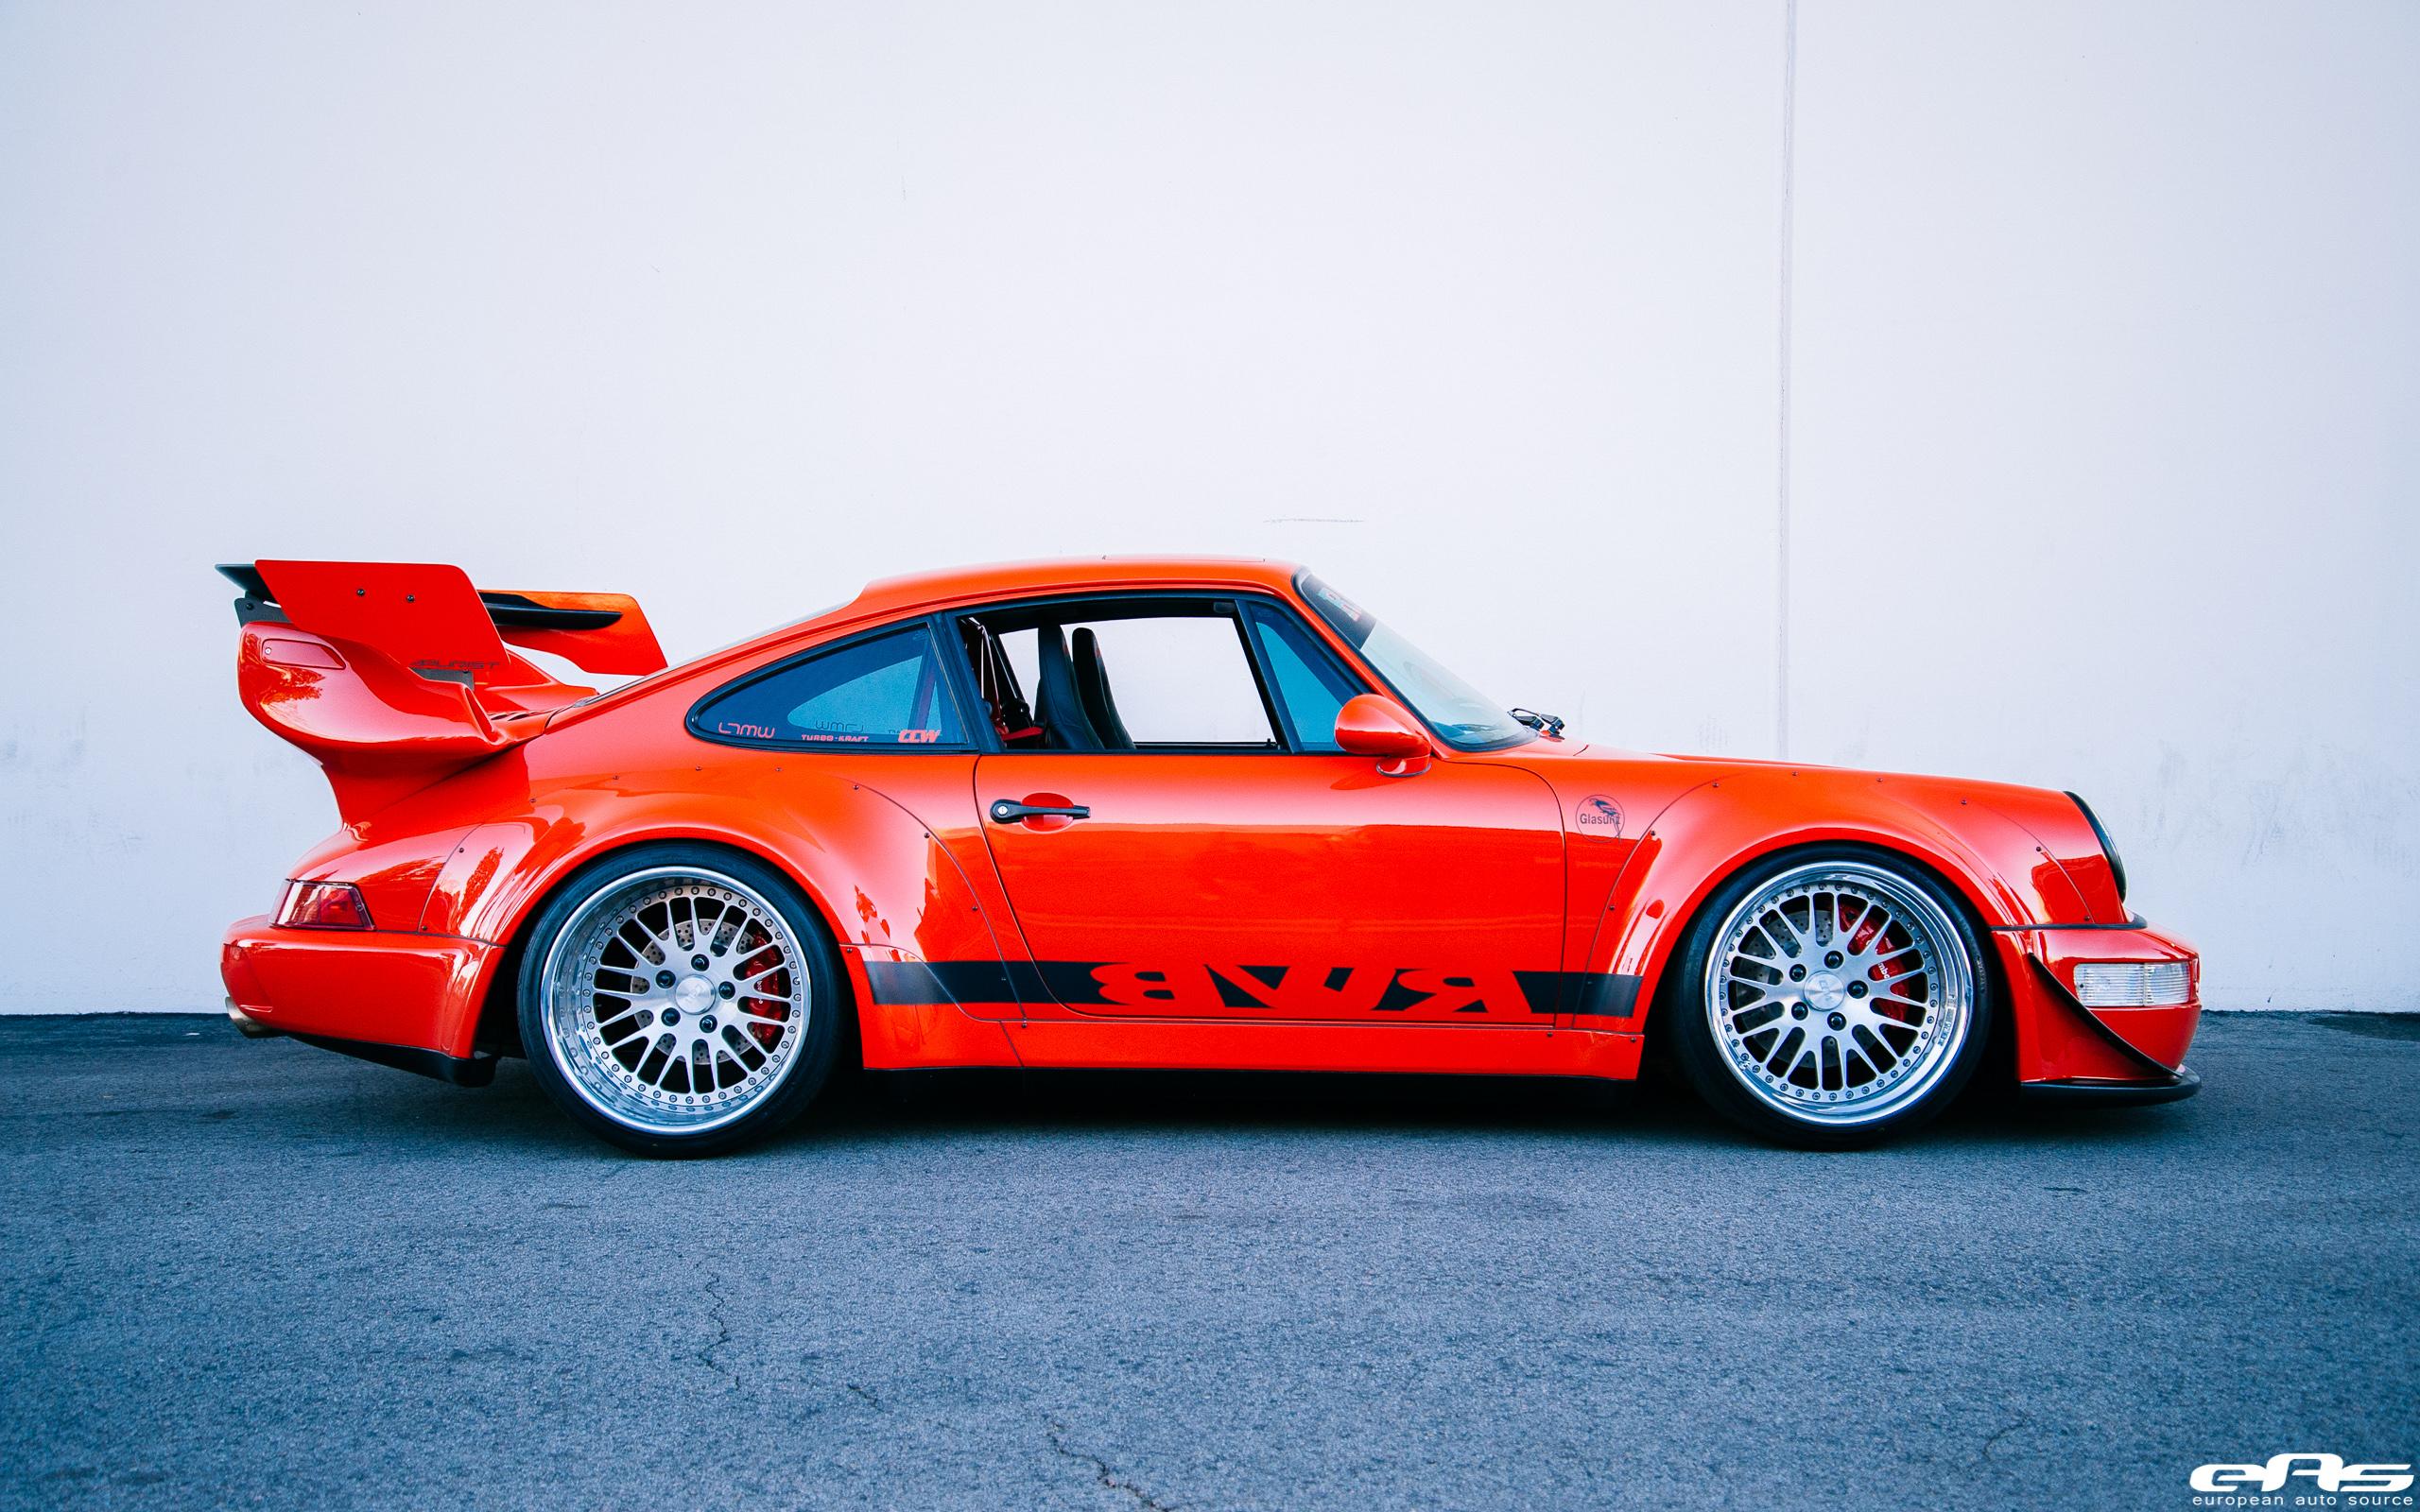 Rauh Welt Begriff Porsche 964 Turbo Brembo Brakes Bmw